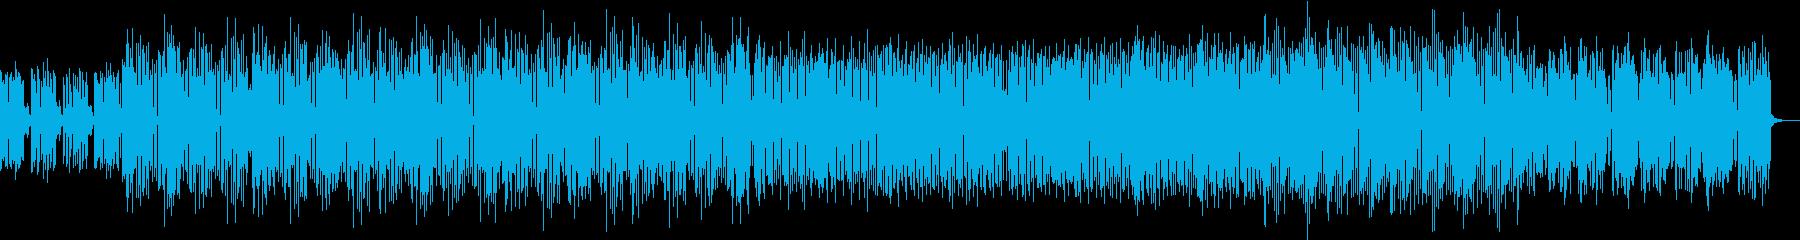 解説・紹介動画BGM ぽりぽりしたシンセの再生済みの波形